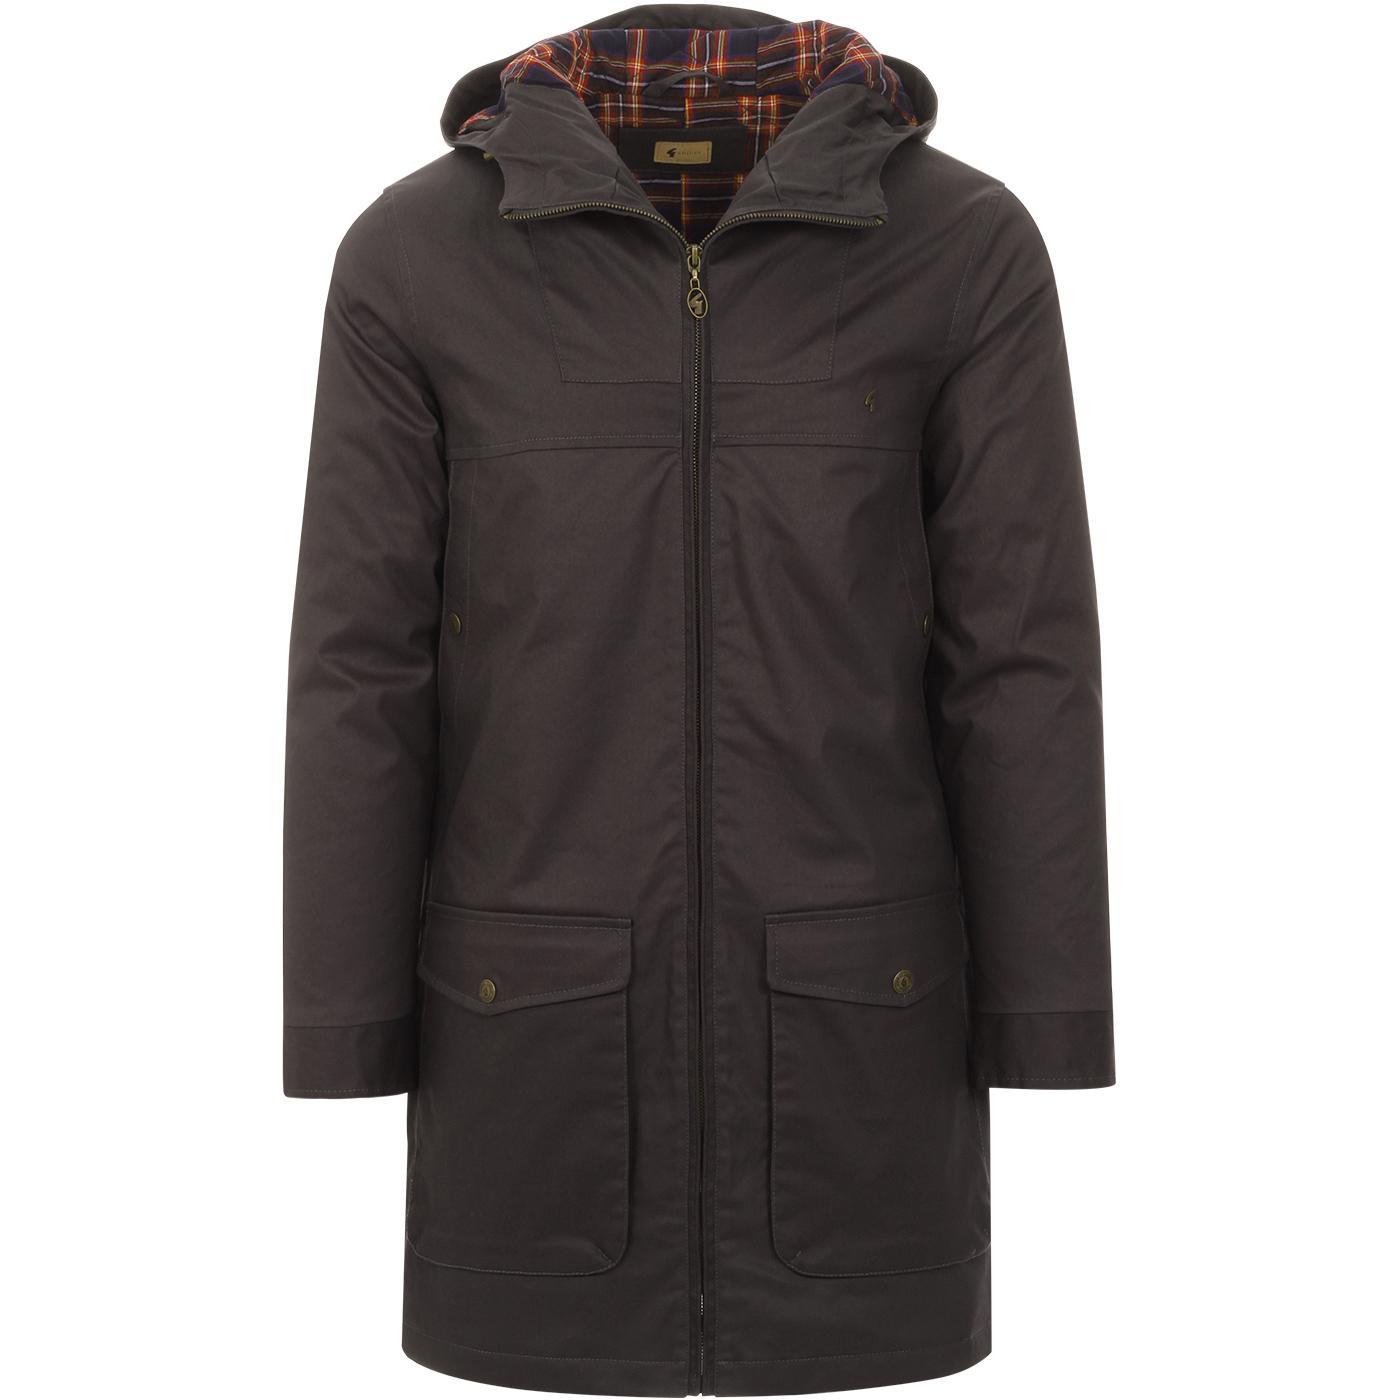 Paxton GABICCI VINTAGE Mod Waxed Parka Jacket